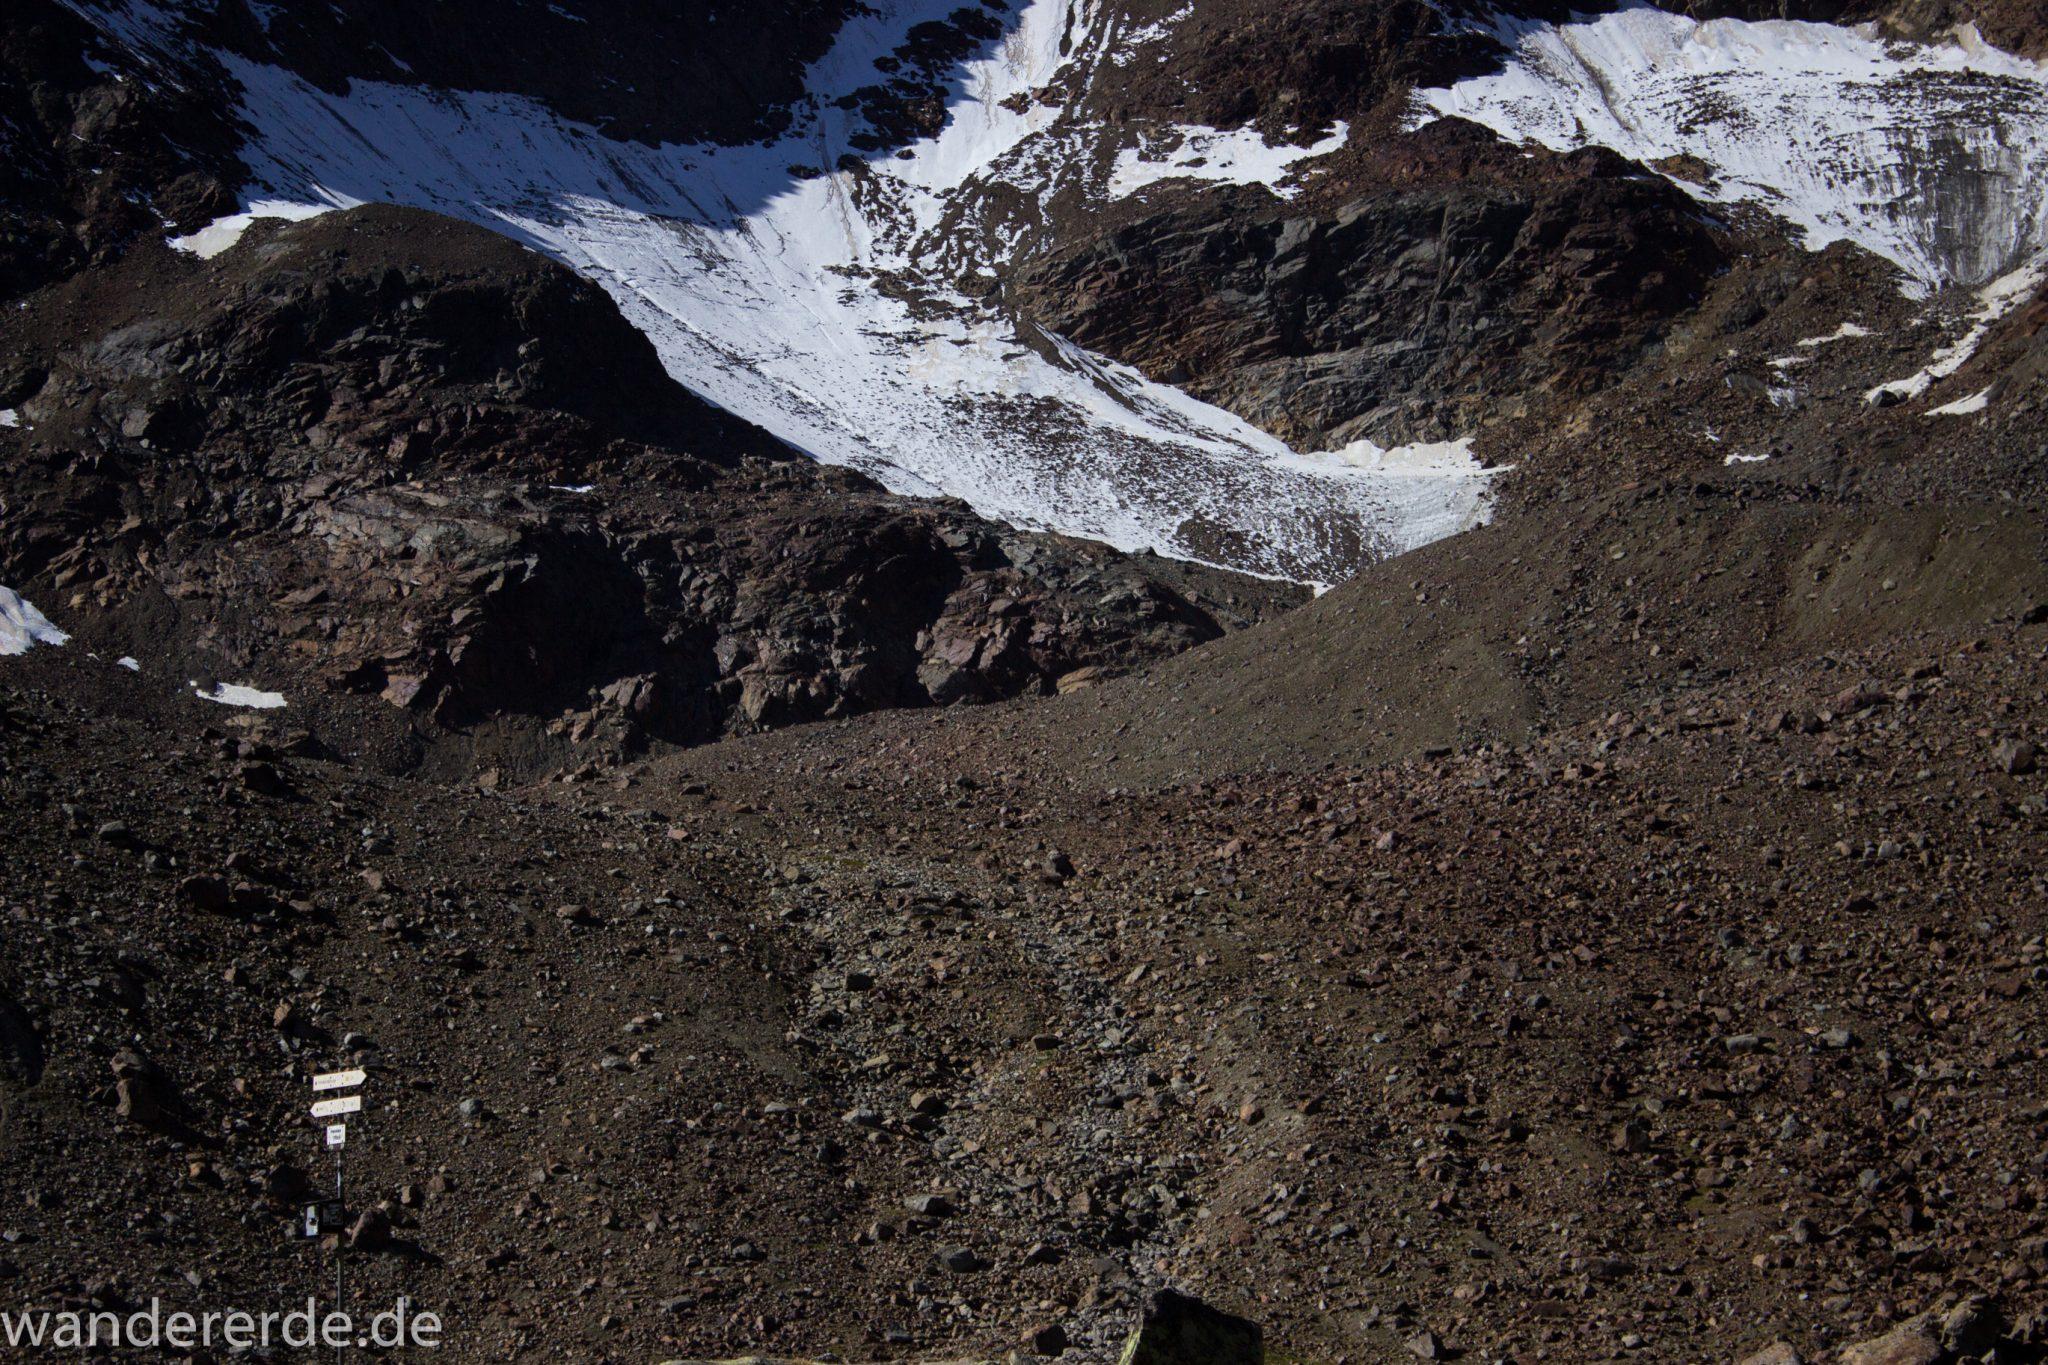 Alpenüberquerung Fernwanderweg E5 Oberstdorf Meran, 5. Etappe von Braunschweiger Hütte zur Martin-Busch-Hütte, Wanderung auf dem neuen Panoramaweg nach Vent dauert 4 Stunden, sehr abwechslungsreiche Wegführung auf schmalem, schönem Wanderweg, Zeit vergeht schnell, immer nur kurze Abschnitte ansteigend bergauf, dann wieder bergab, zauberhafte Ausblicke auf die umliegenden Berge mit Schneefeldern, Wegmarkierung sichtbar, Berghänge mit grobem Geröll, herrliches Wetter zum Wandern bei strahlendem Sonnenschein